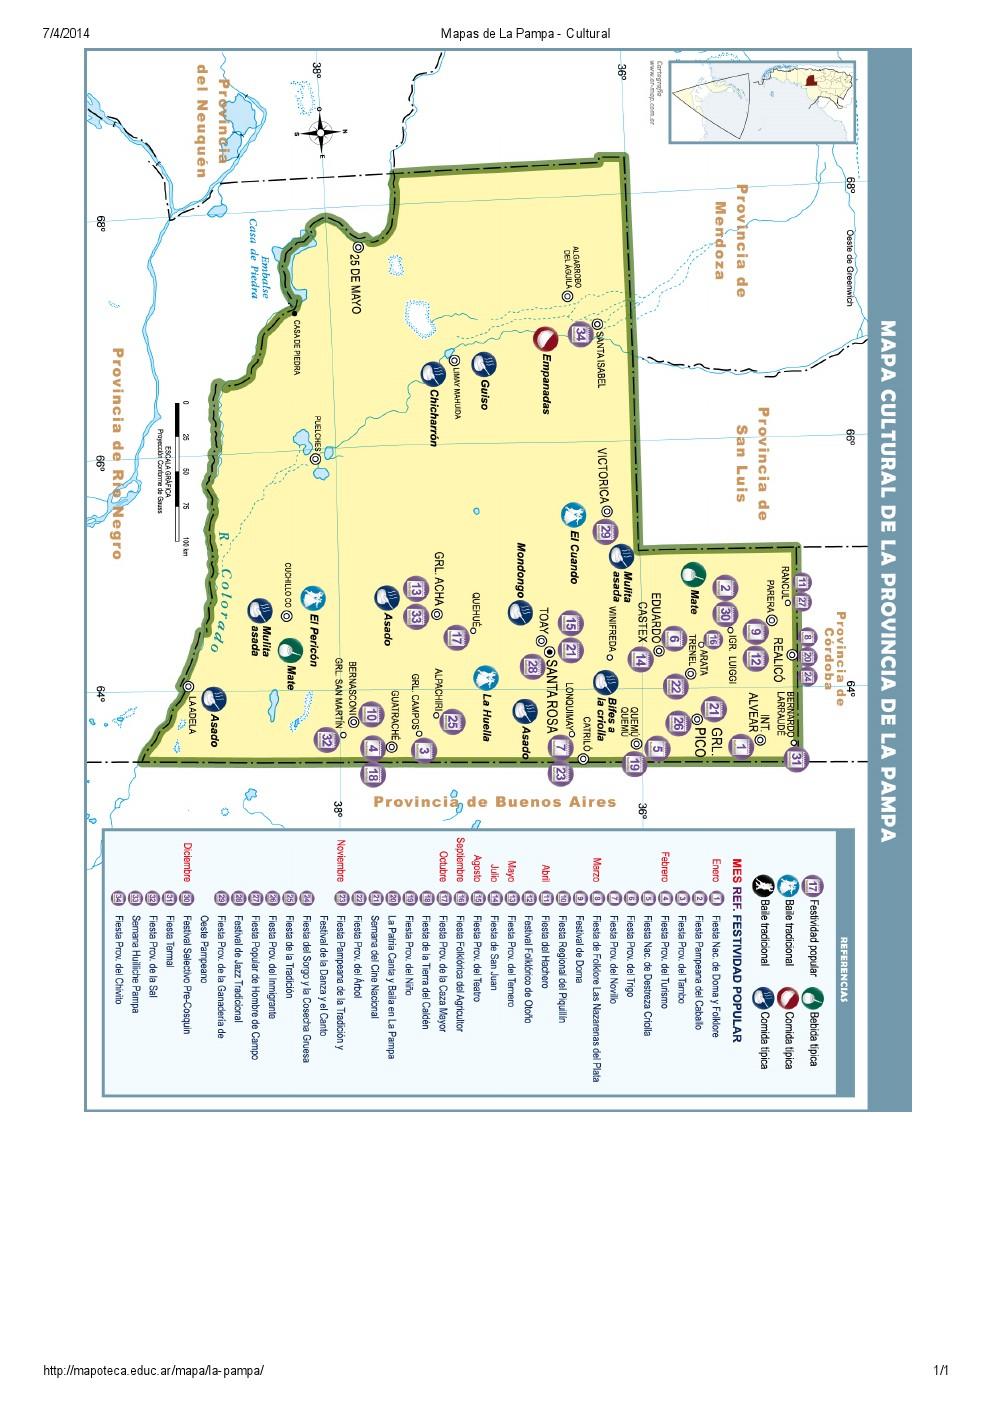 Mapa cultural de La Pampa. Mapoteca de Educ.ar